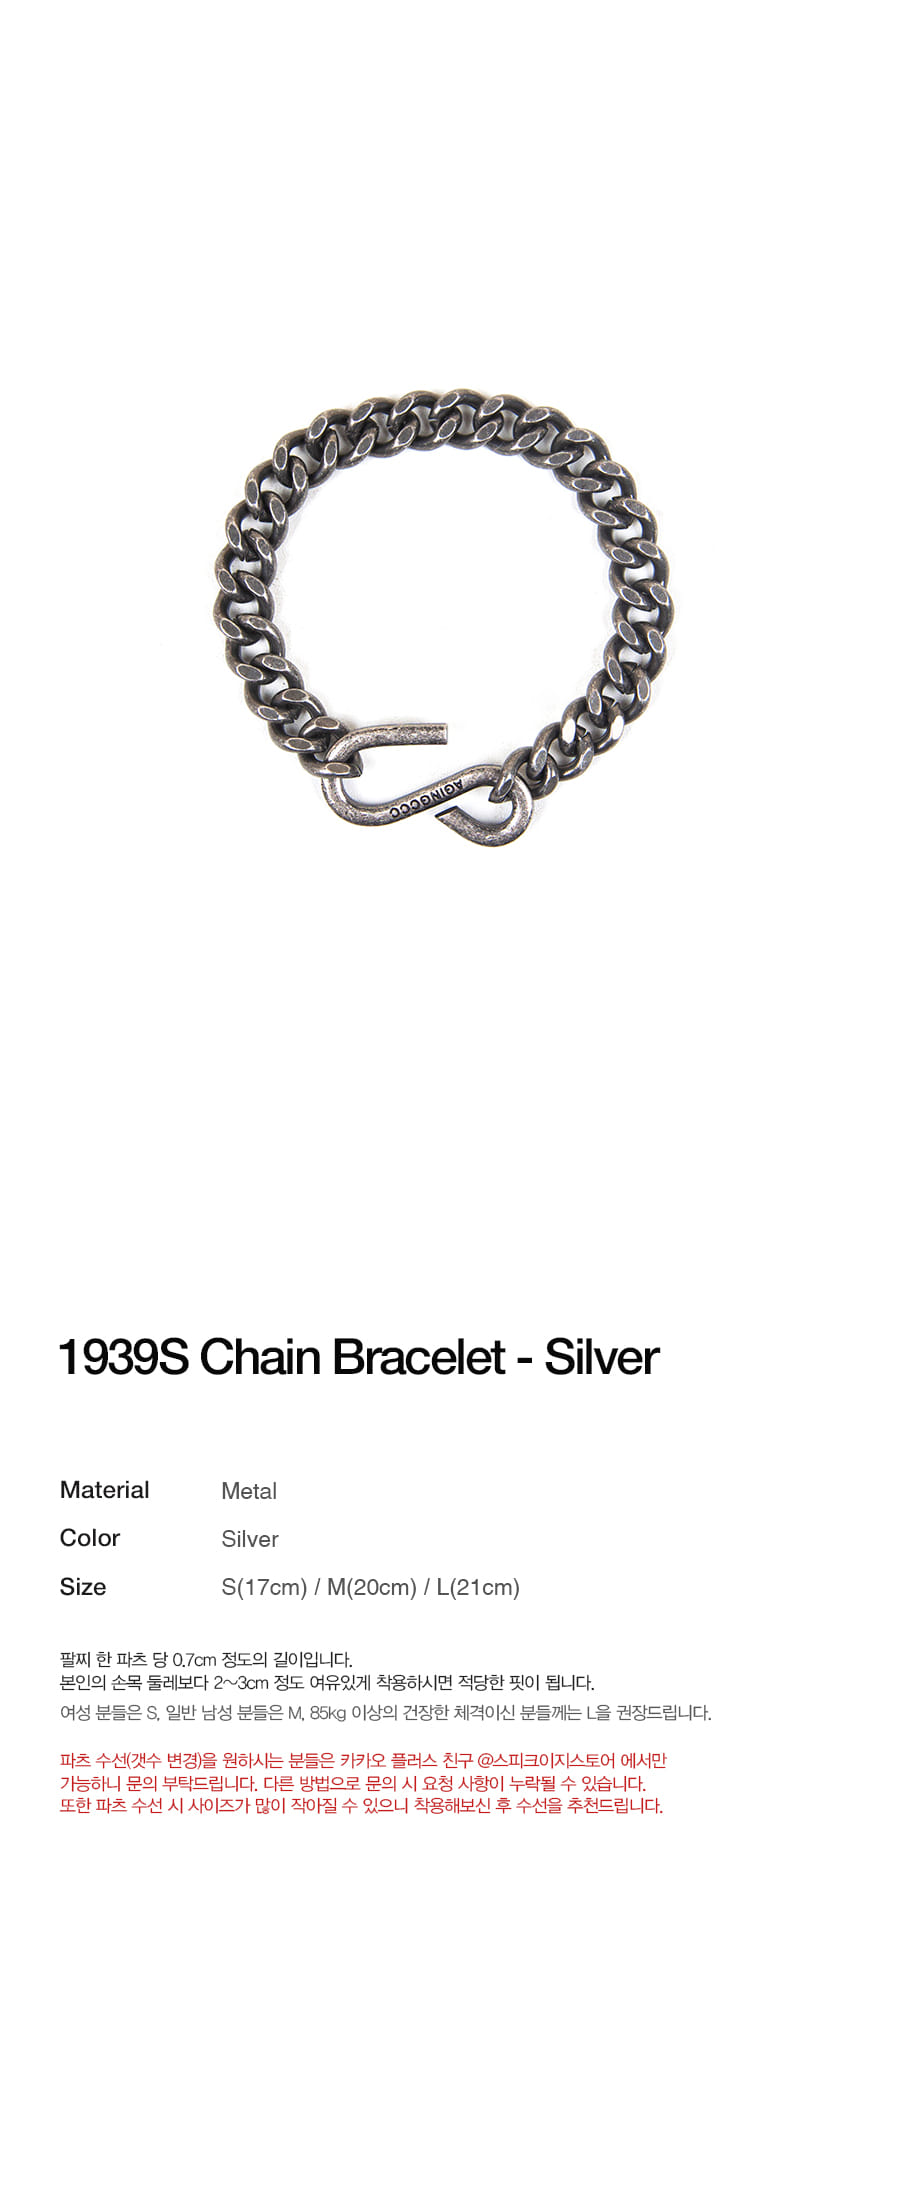 에이징씨씨씨(AGINGCCC) 1939S chain bracelet - silver 570